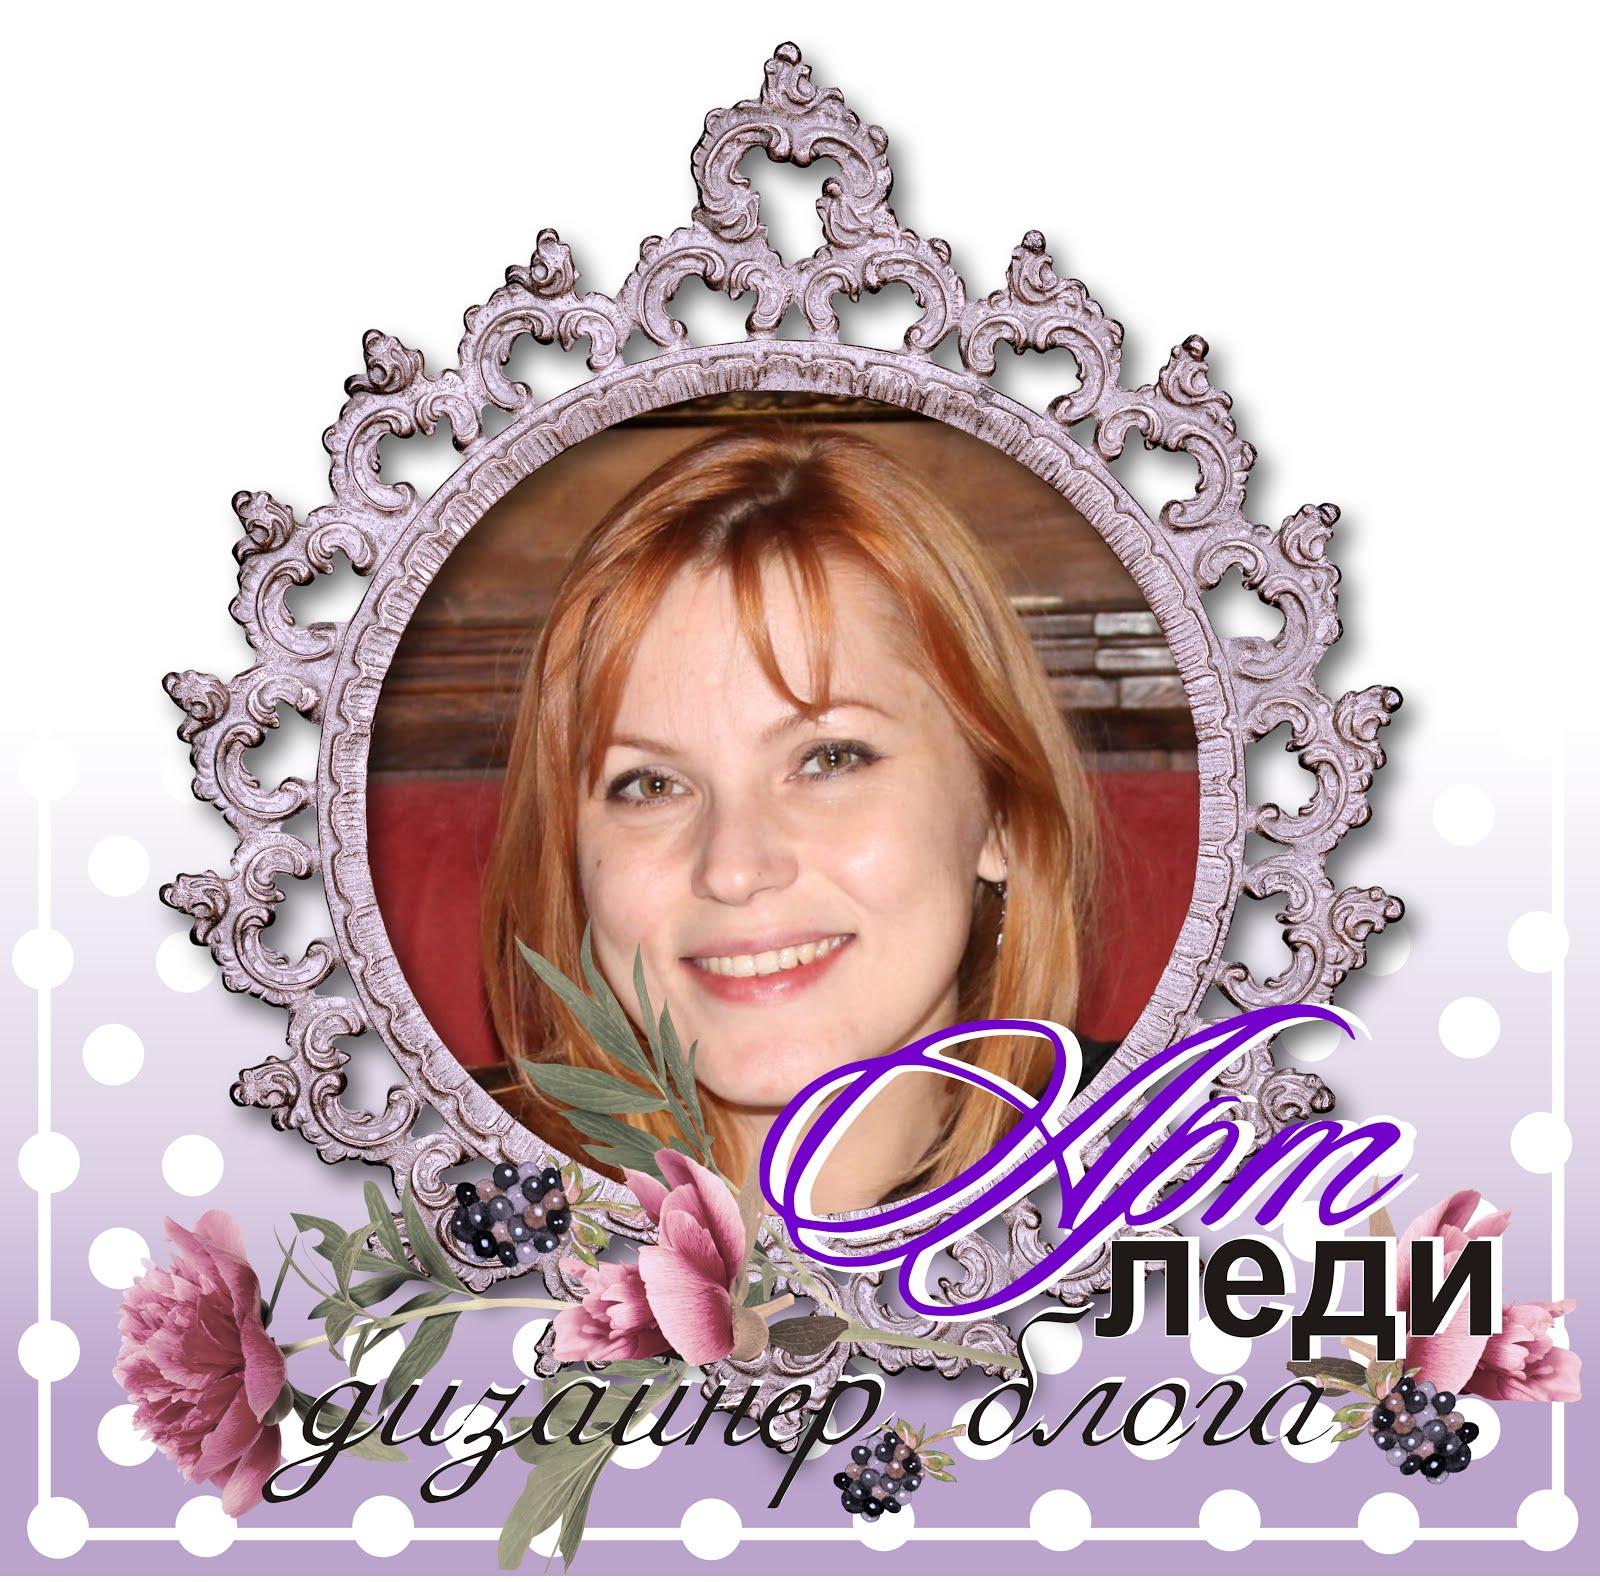 Эльвира администратор